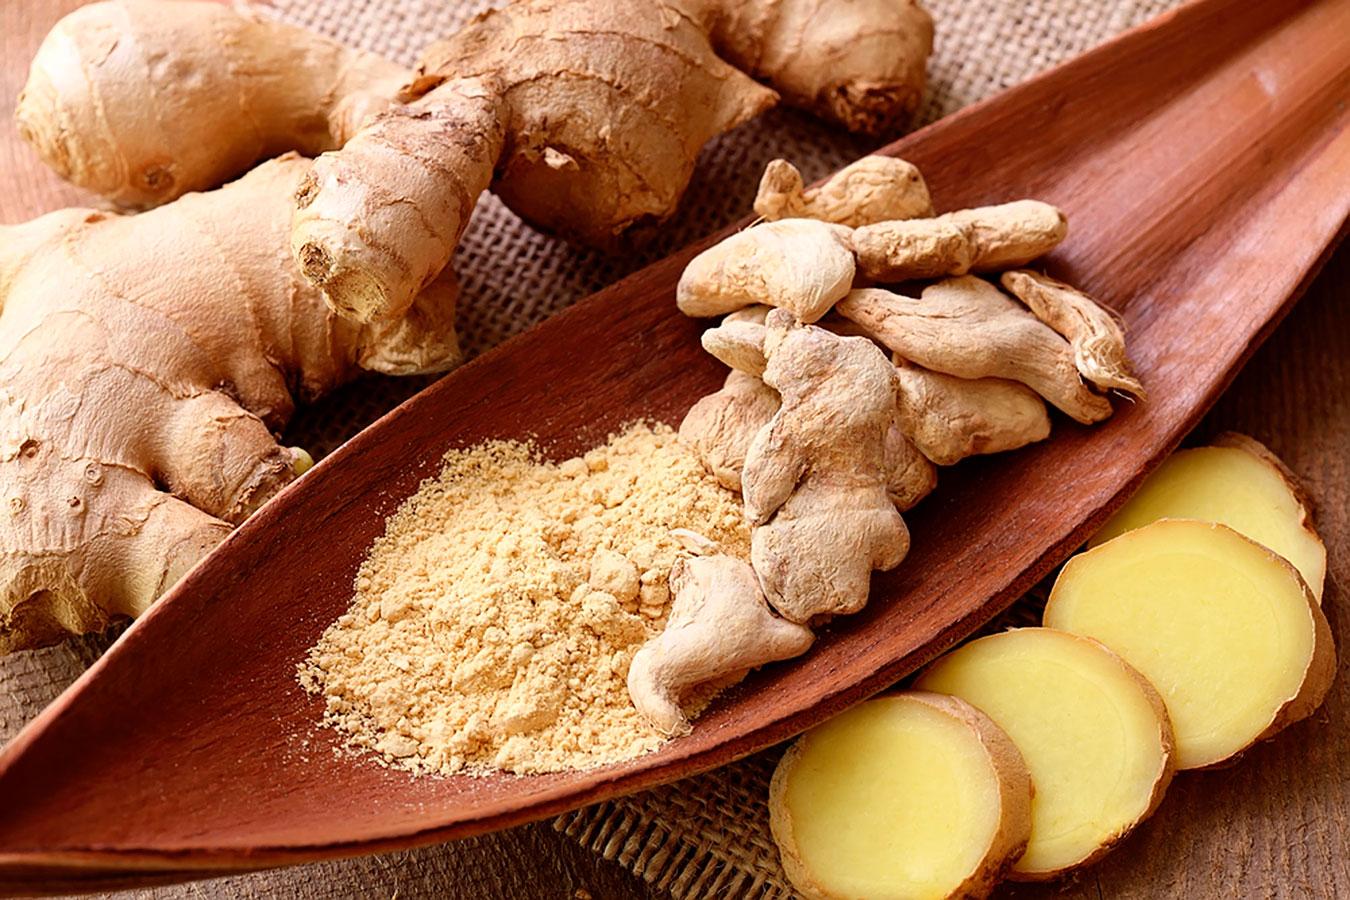 корень имбиря для похудения рецепты чая